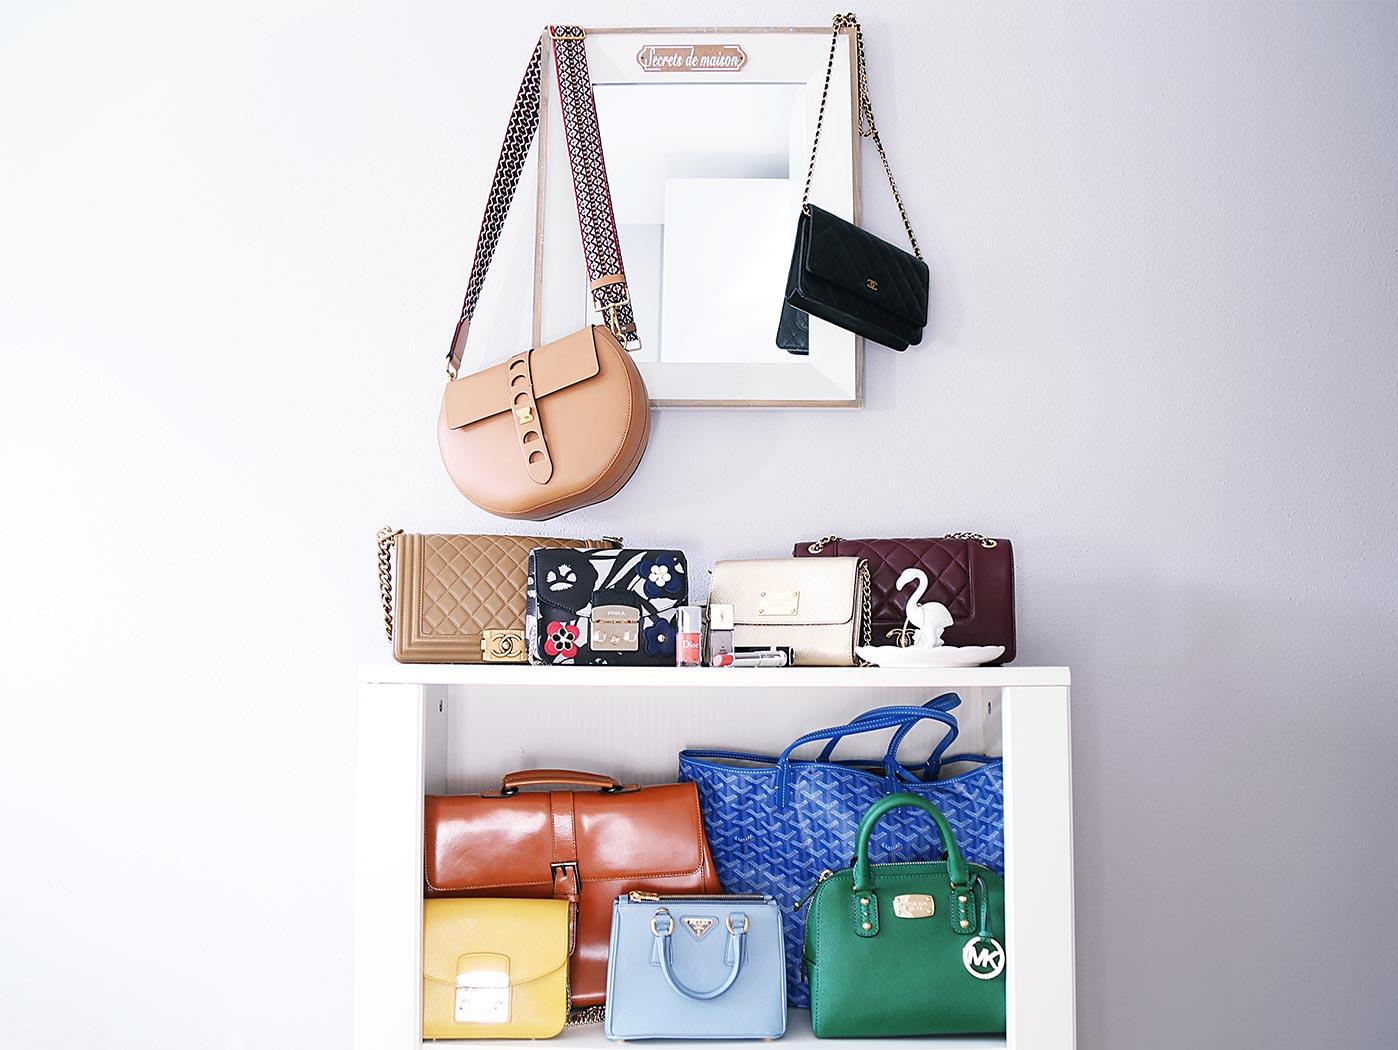 Así guarda Rebeca Labara sus bolsos en casa